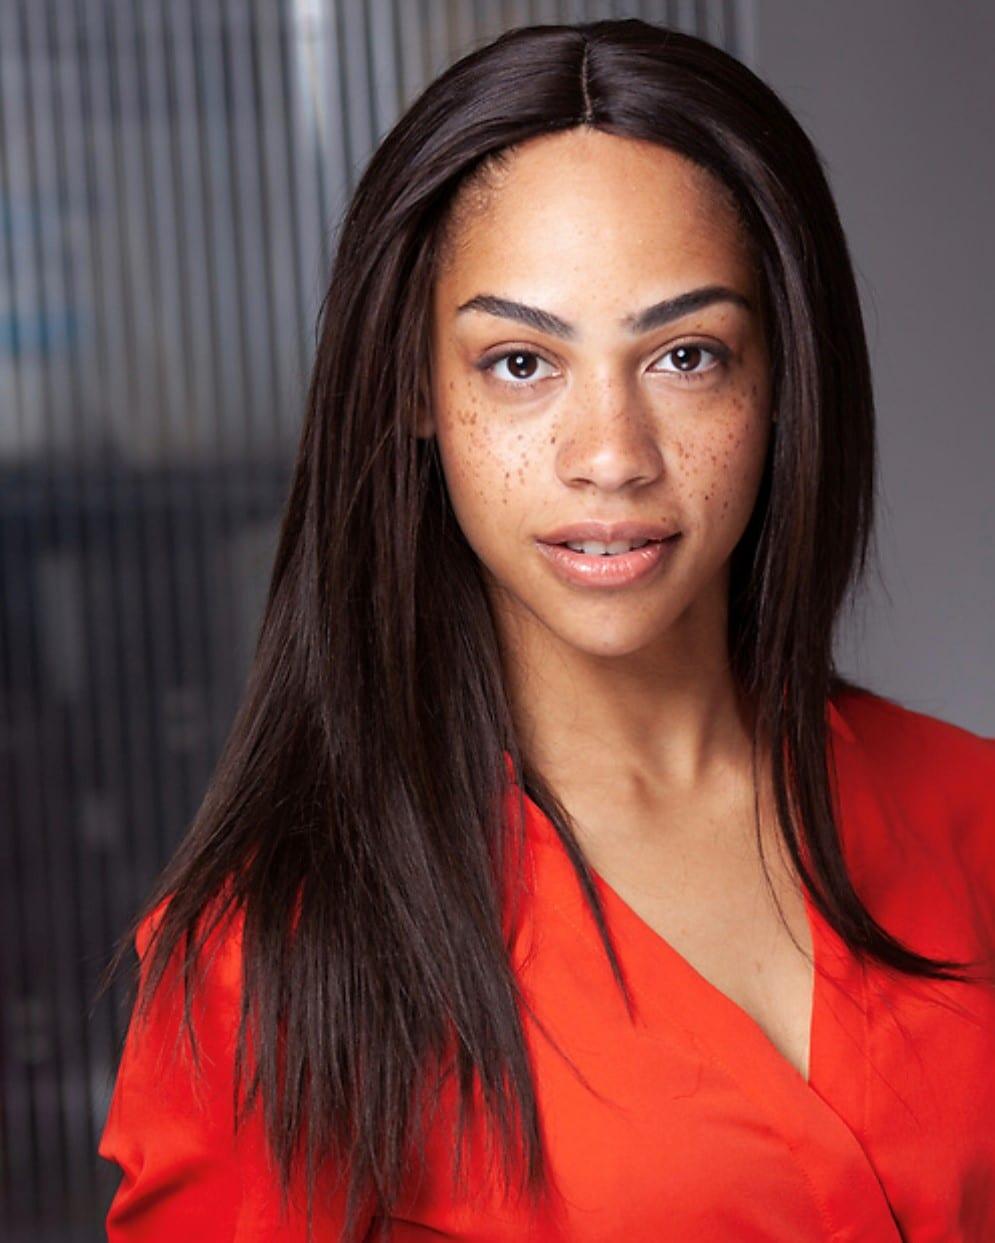 Headshot of Monique Ray